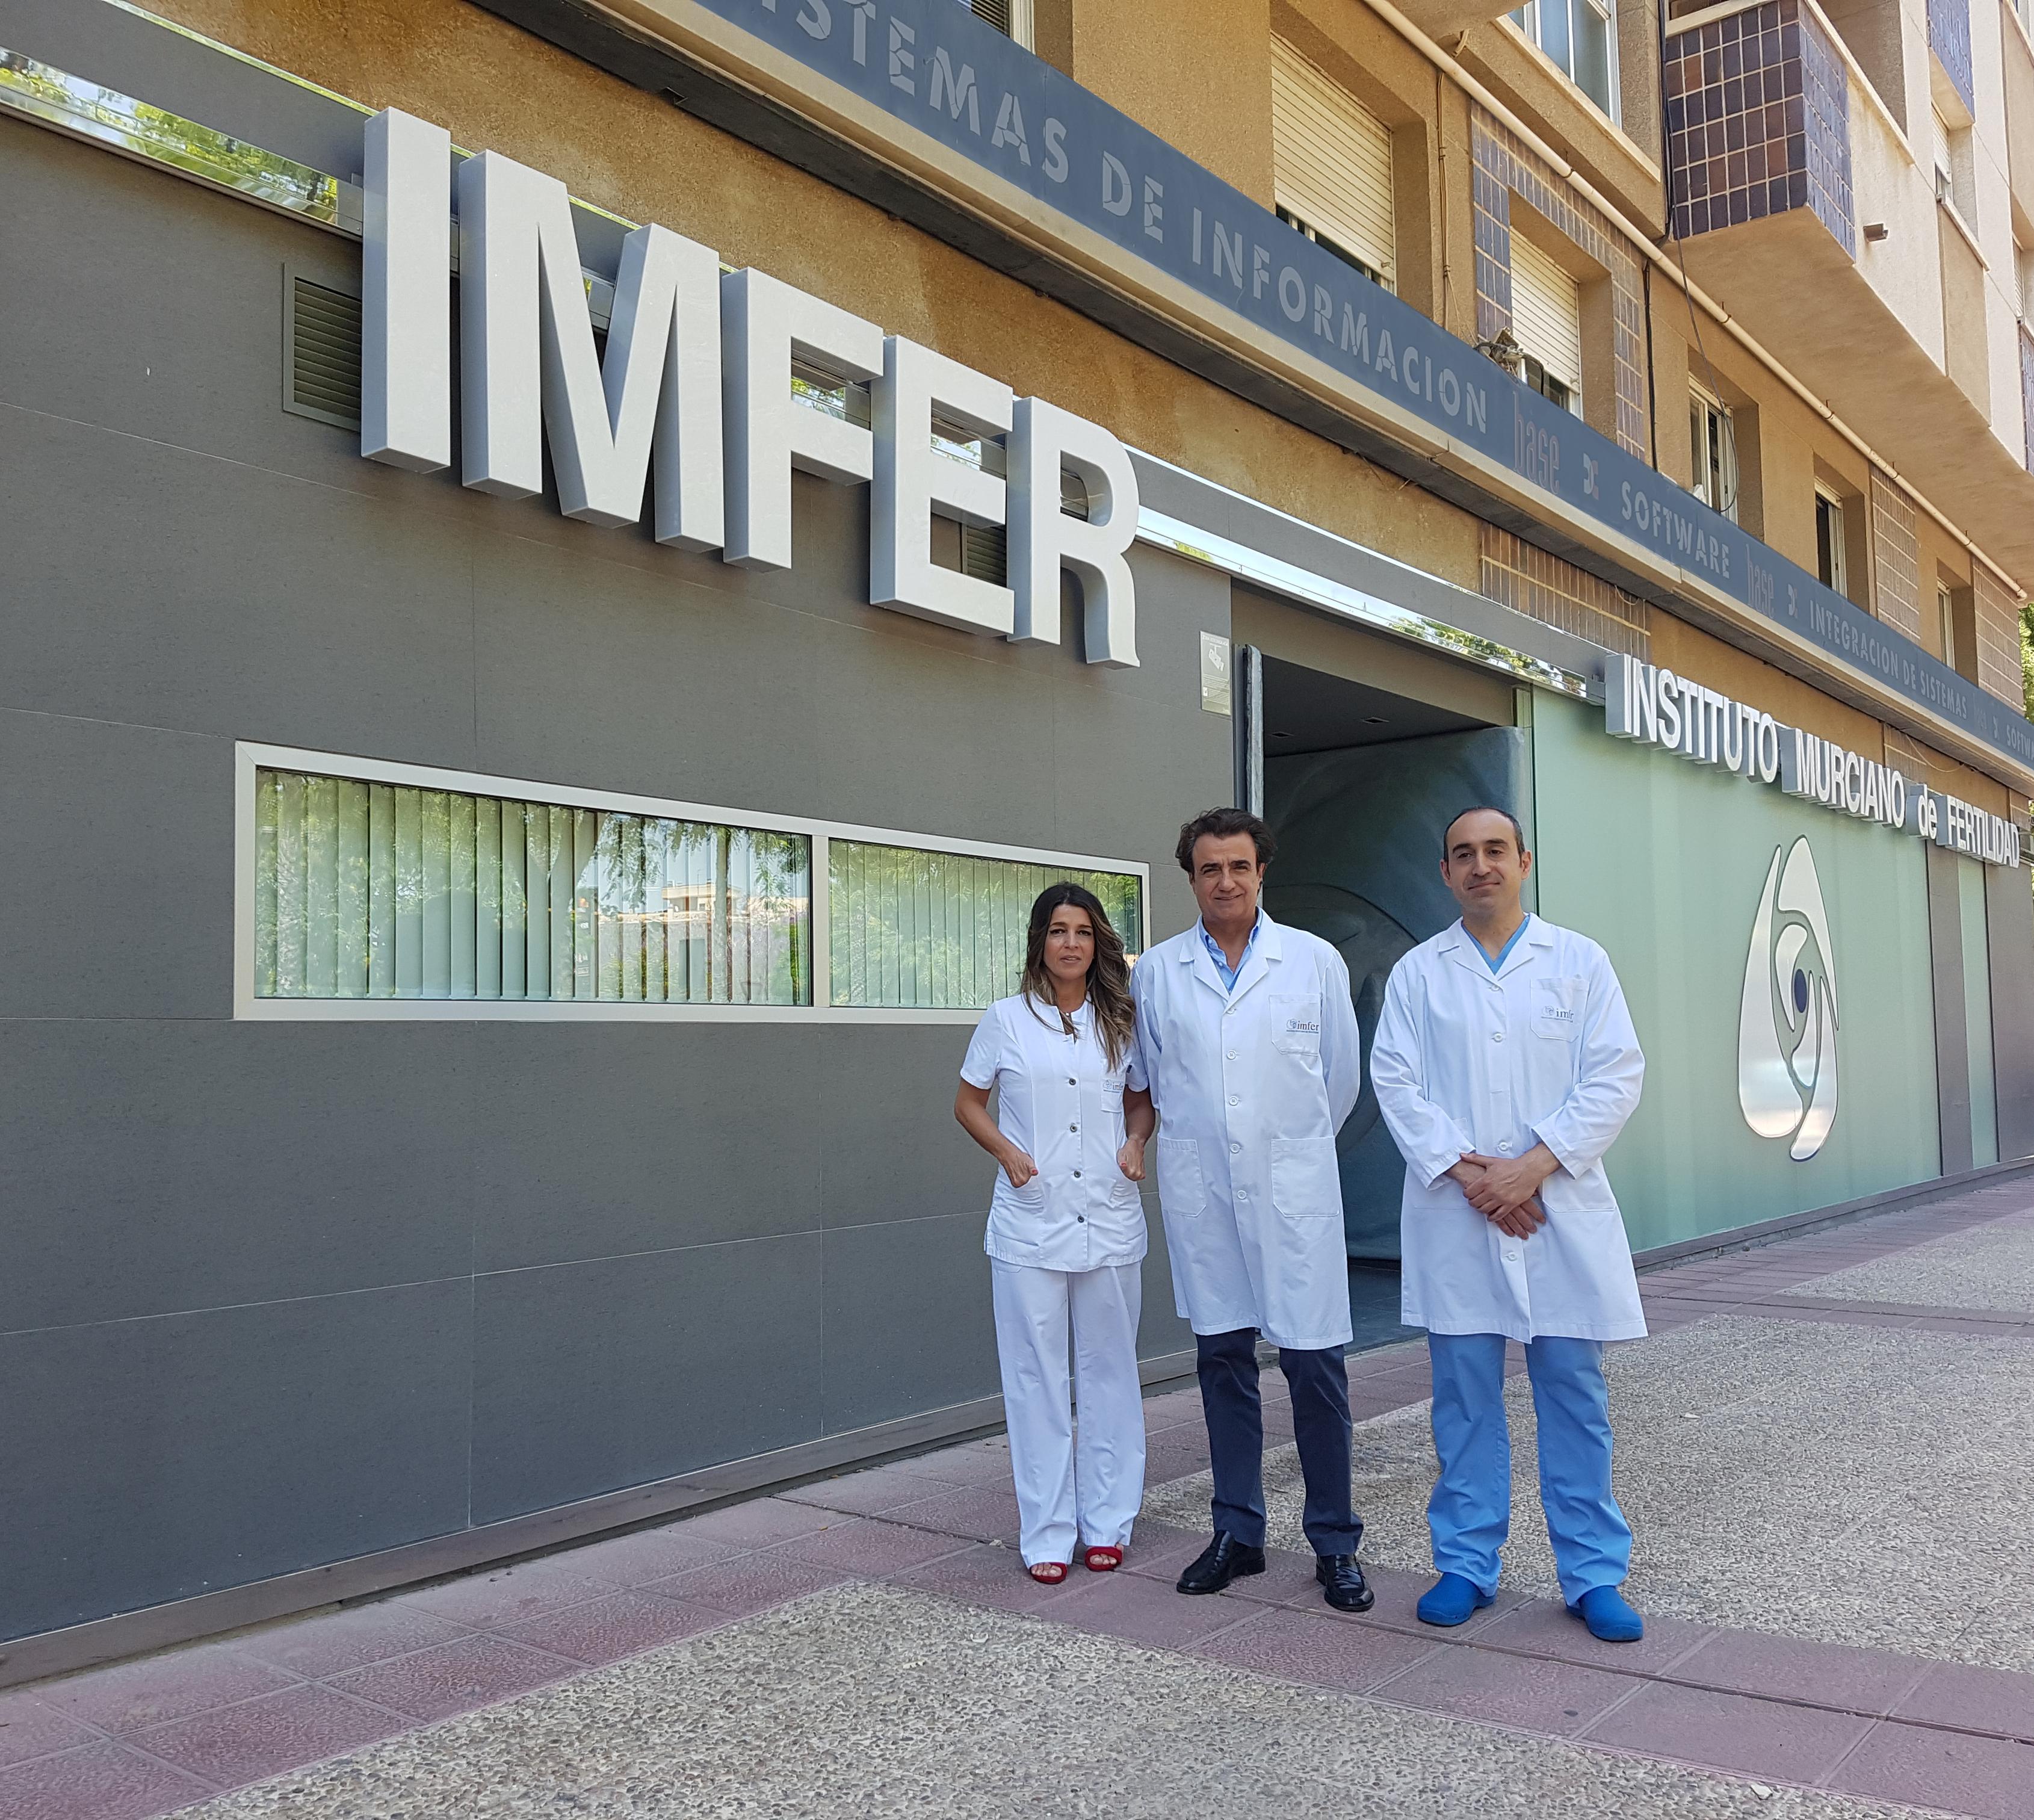 Imfer, clínica de reproducción asistida con descuentos para mujeres sin pareja y parejas de mujeres socias de Masola.Org